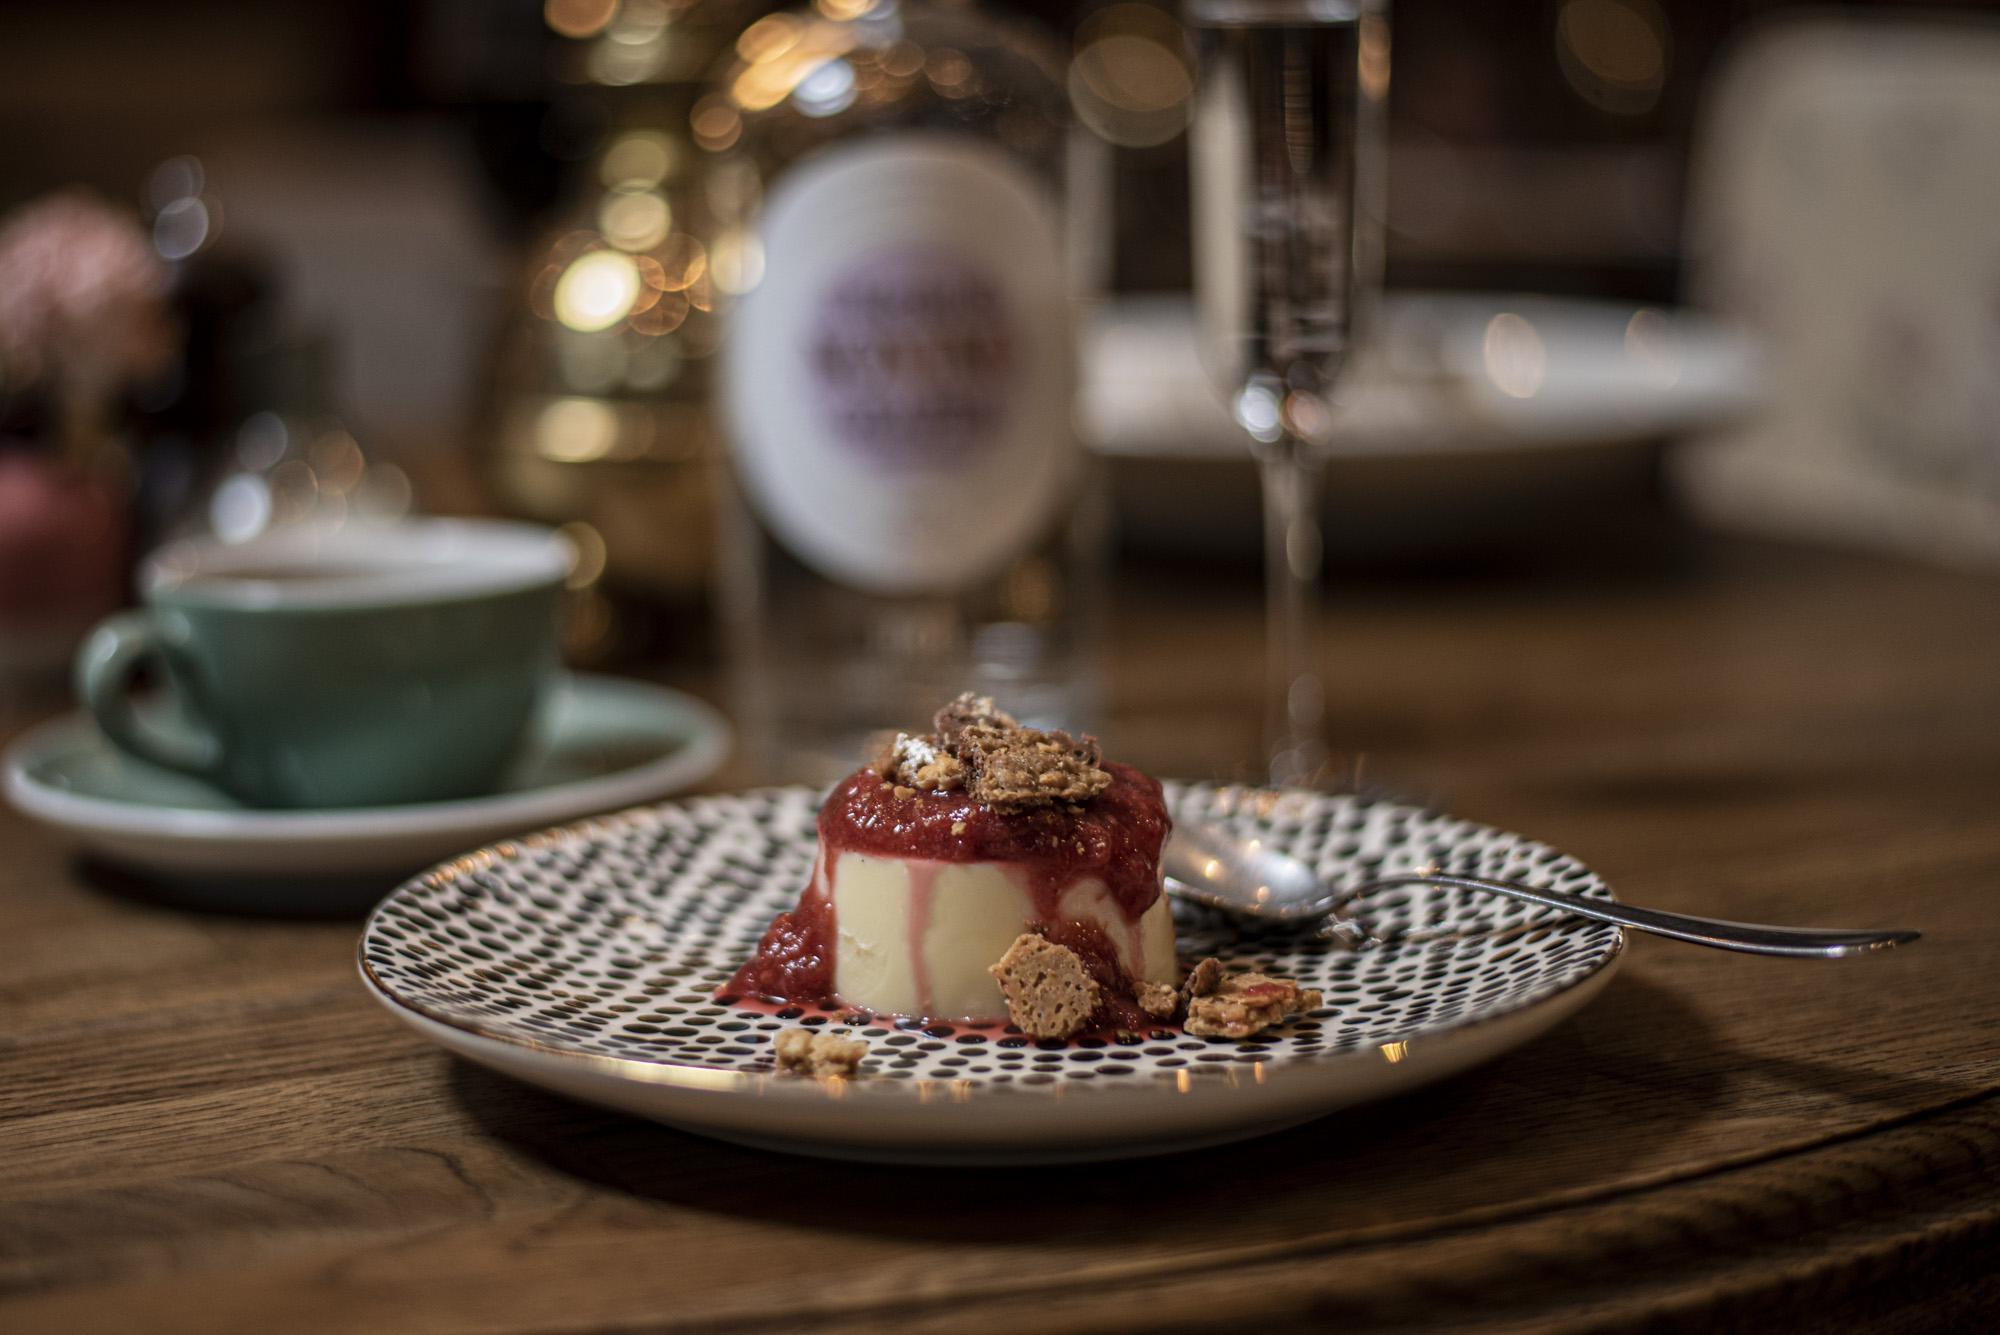 Venti_Meny_Mars_Dessert_WEBB_10